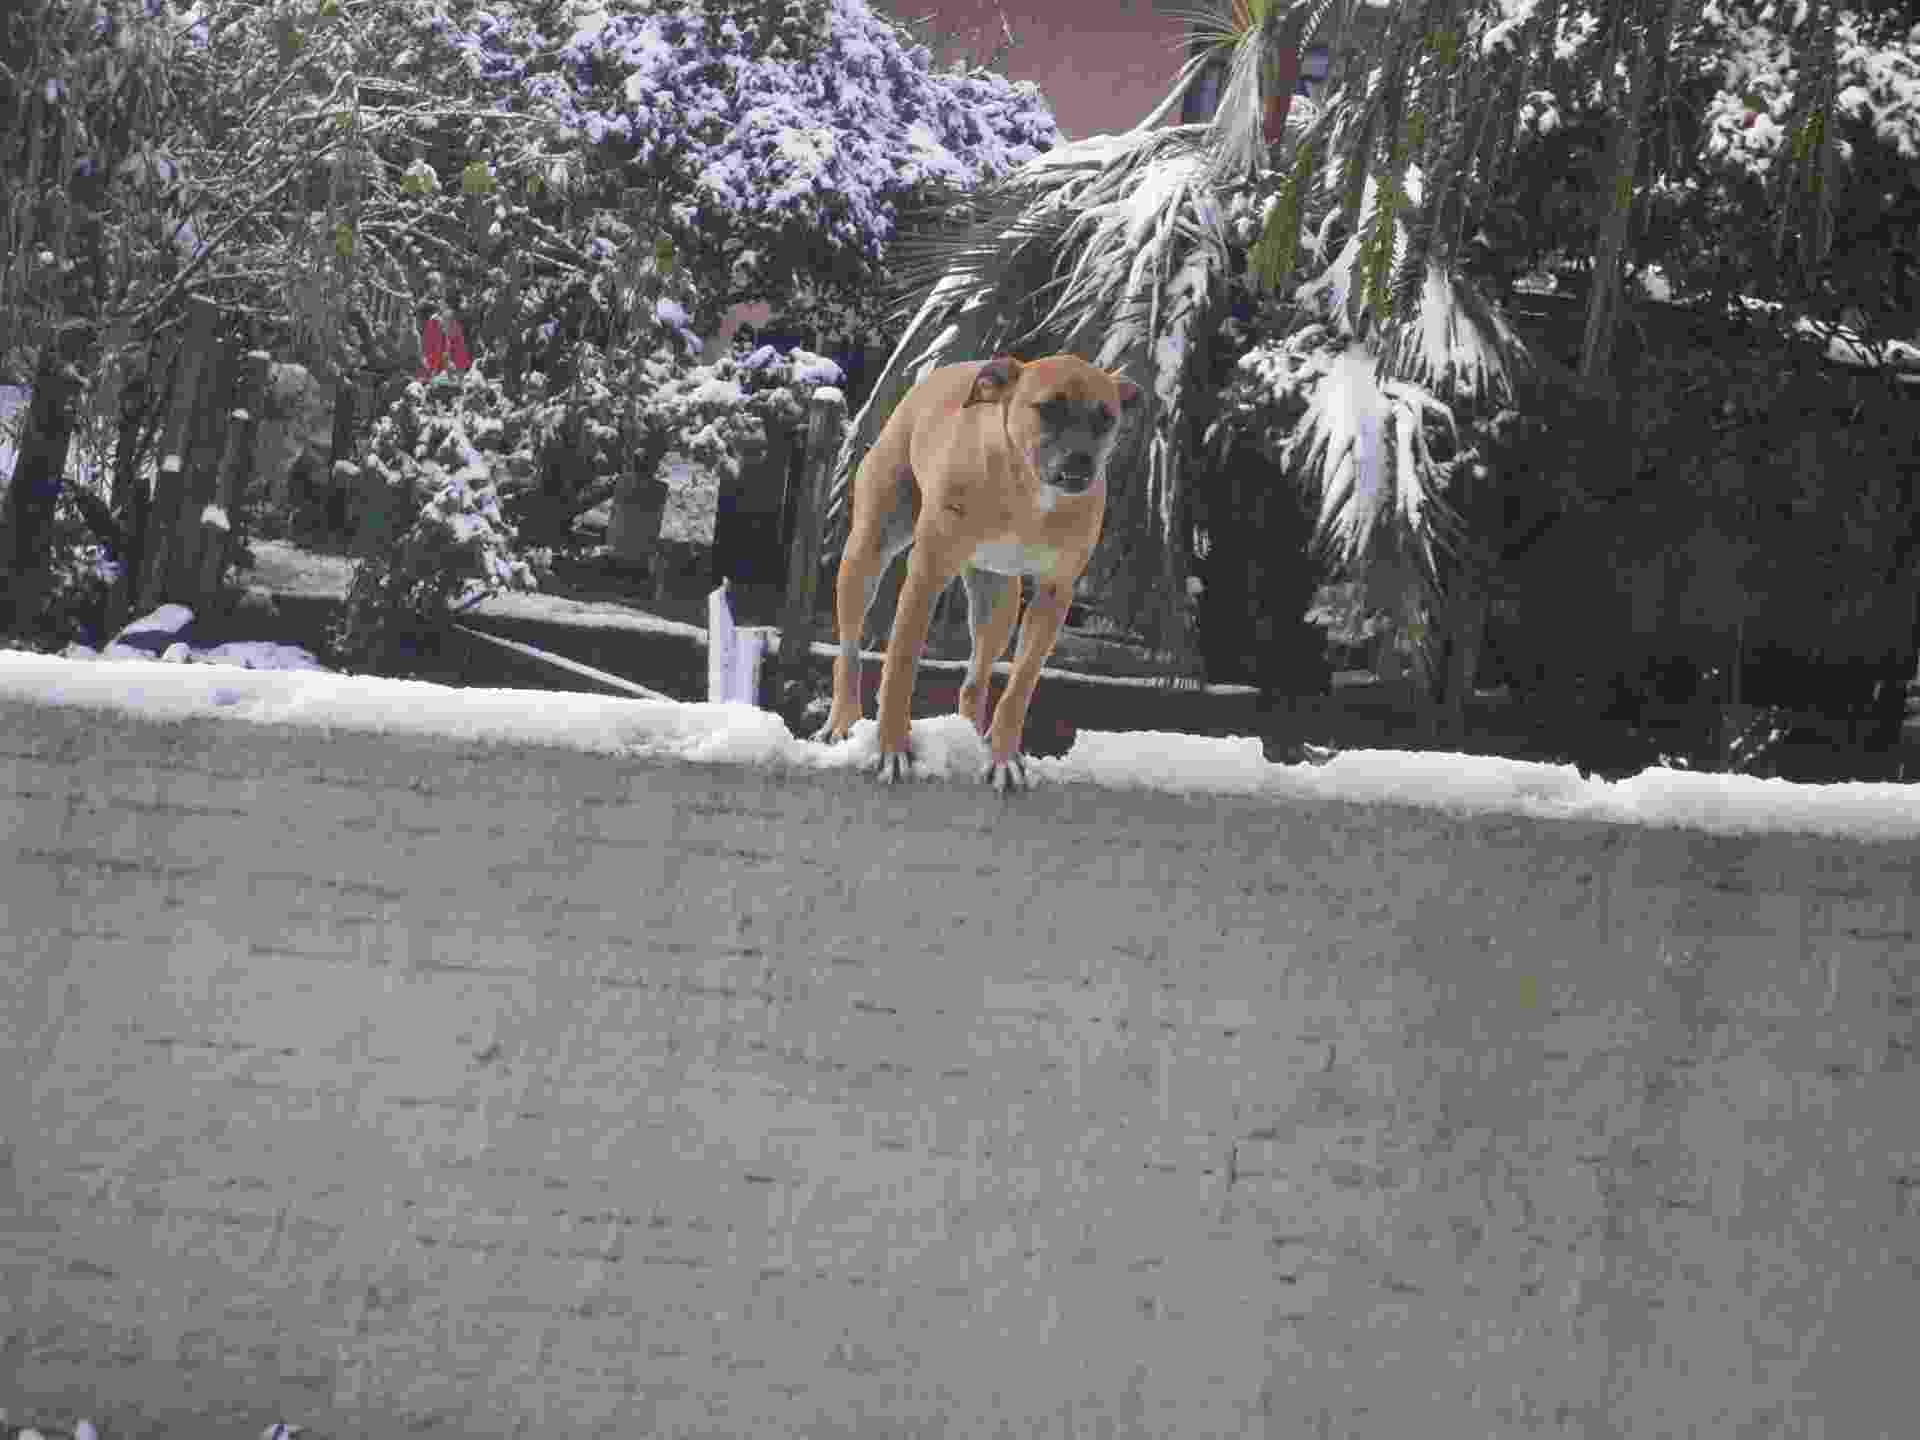 26.jul.2013 - A internauta Jéssica Seredniski Melnek mostra como ficou a paisagem de Papanduva (SC), onde nevou dia 23 de julho - Jéssica Seredniski Melnek/Você Manda/UOL